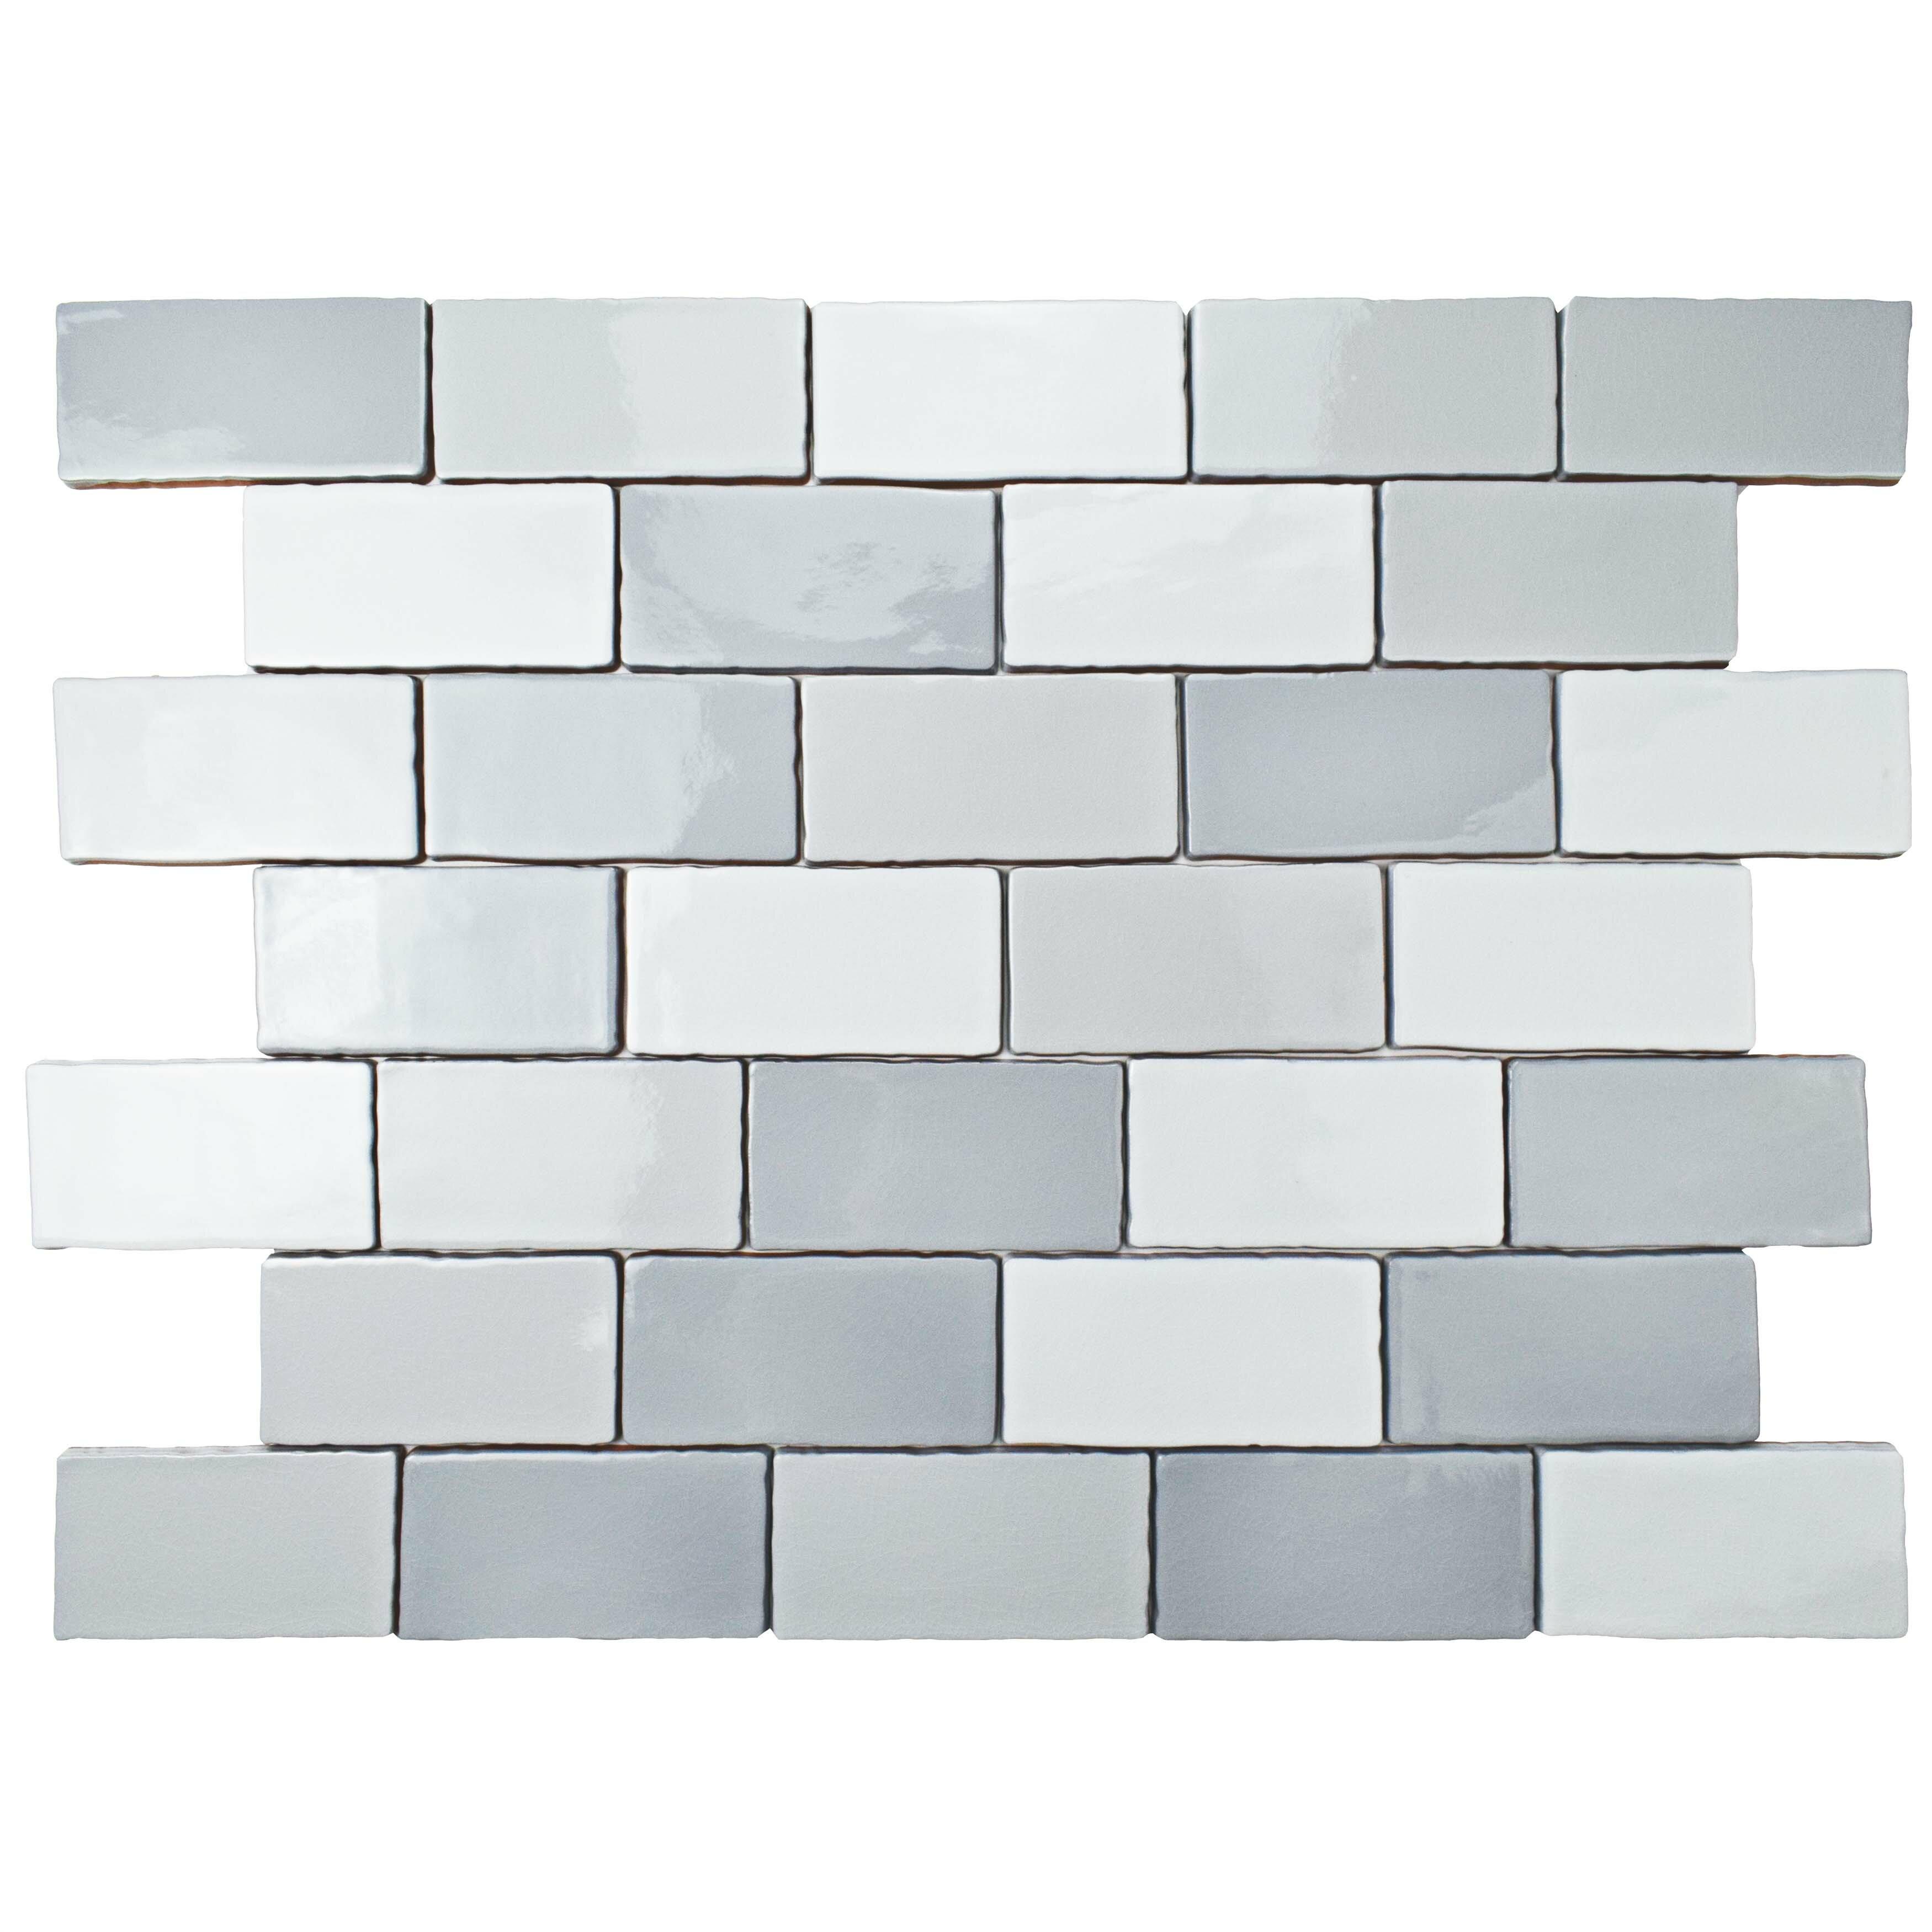 Elitetile Antiqua 3 X 6 Ceramic Subway Tile In Craquele Soho Gray Reviews Wayfair